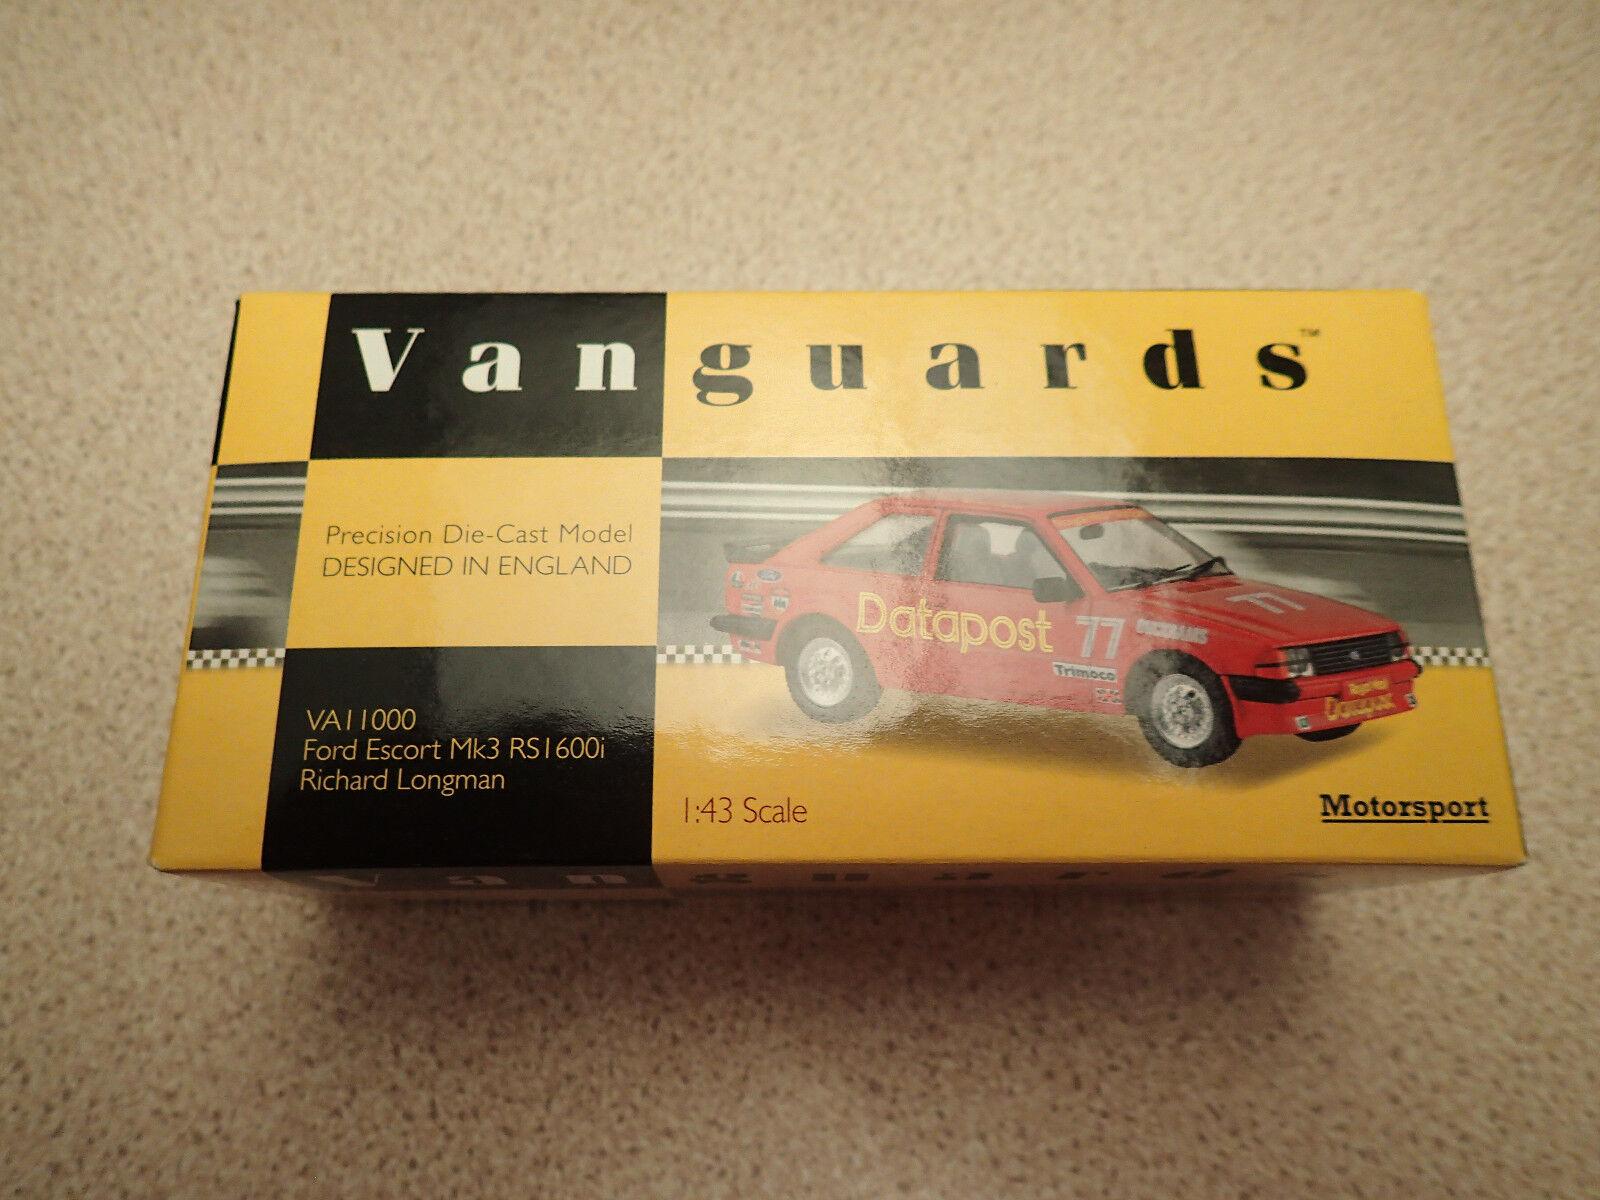 Ltd Edn Corgi Vanguards 1 43 VA11000 Ford Escort Mk3 RS1600i Datapost Untouched